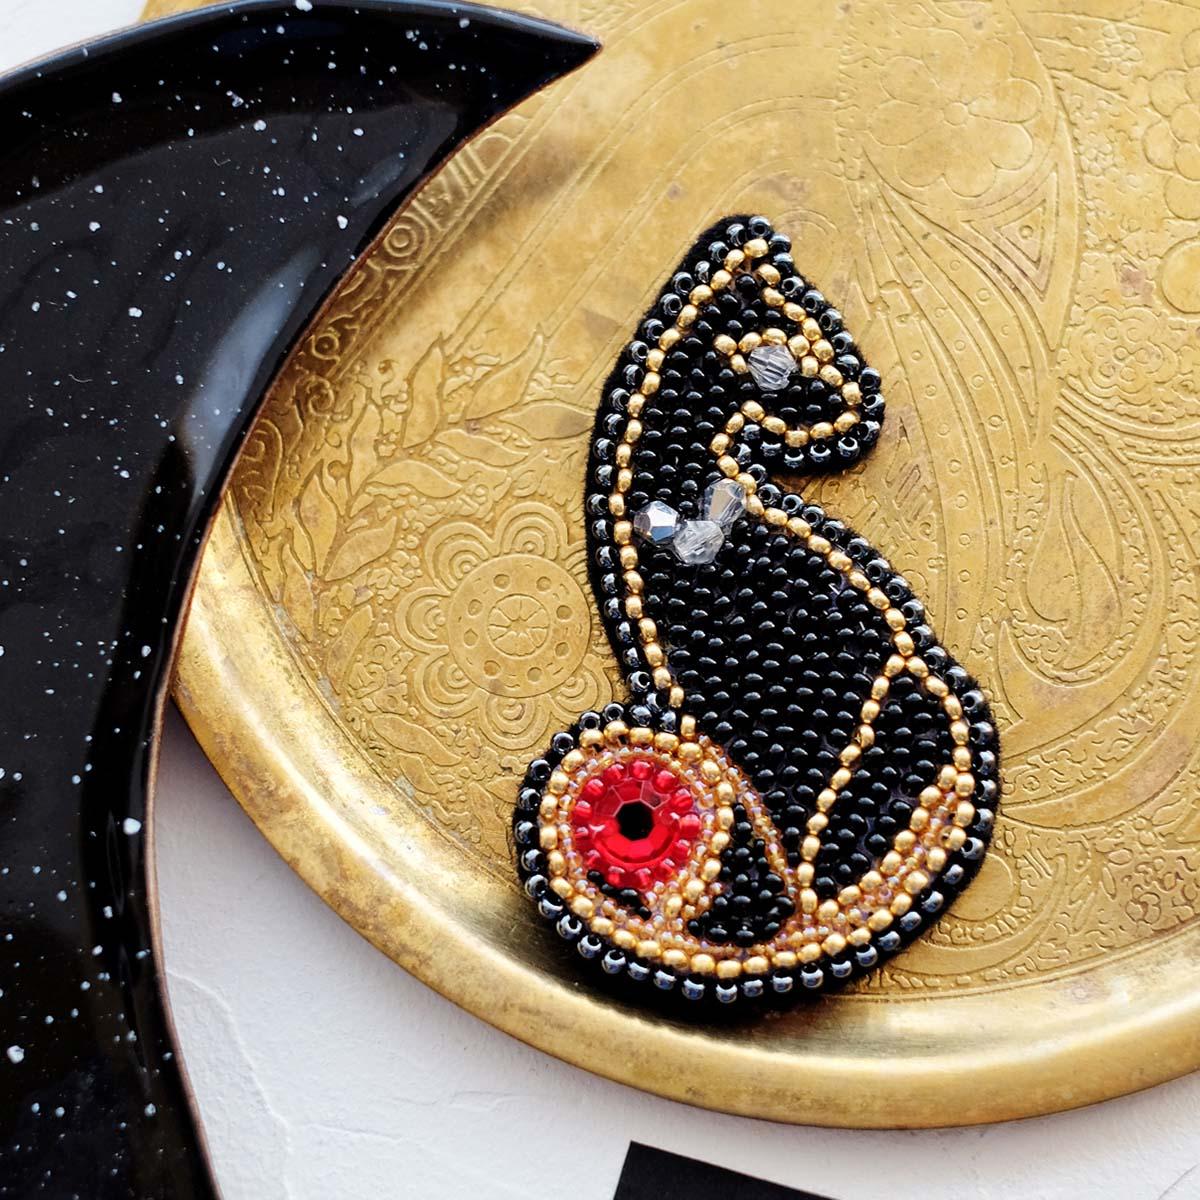 АД-048 Набор для вышивки бисером украшения на натур. художественном холсте 'Леди' 4,5*7,0см